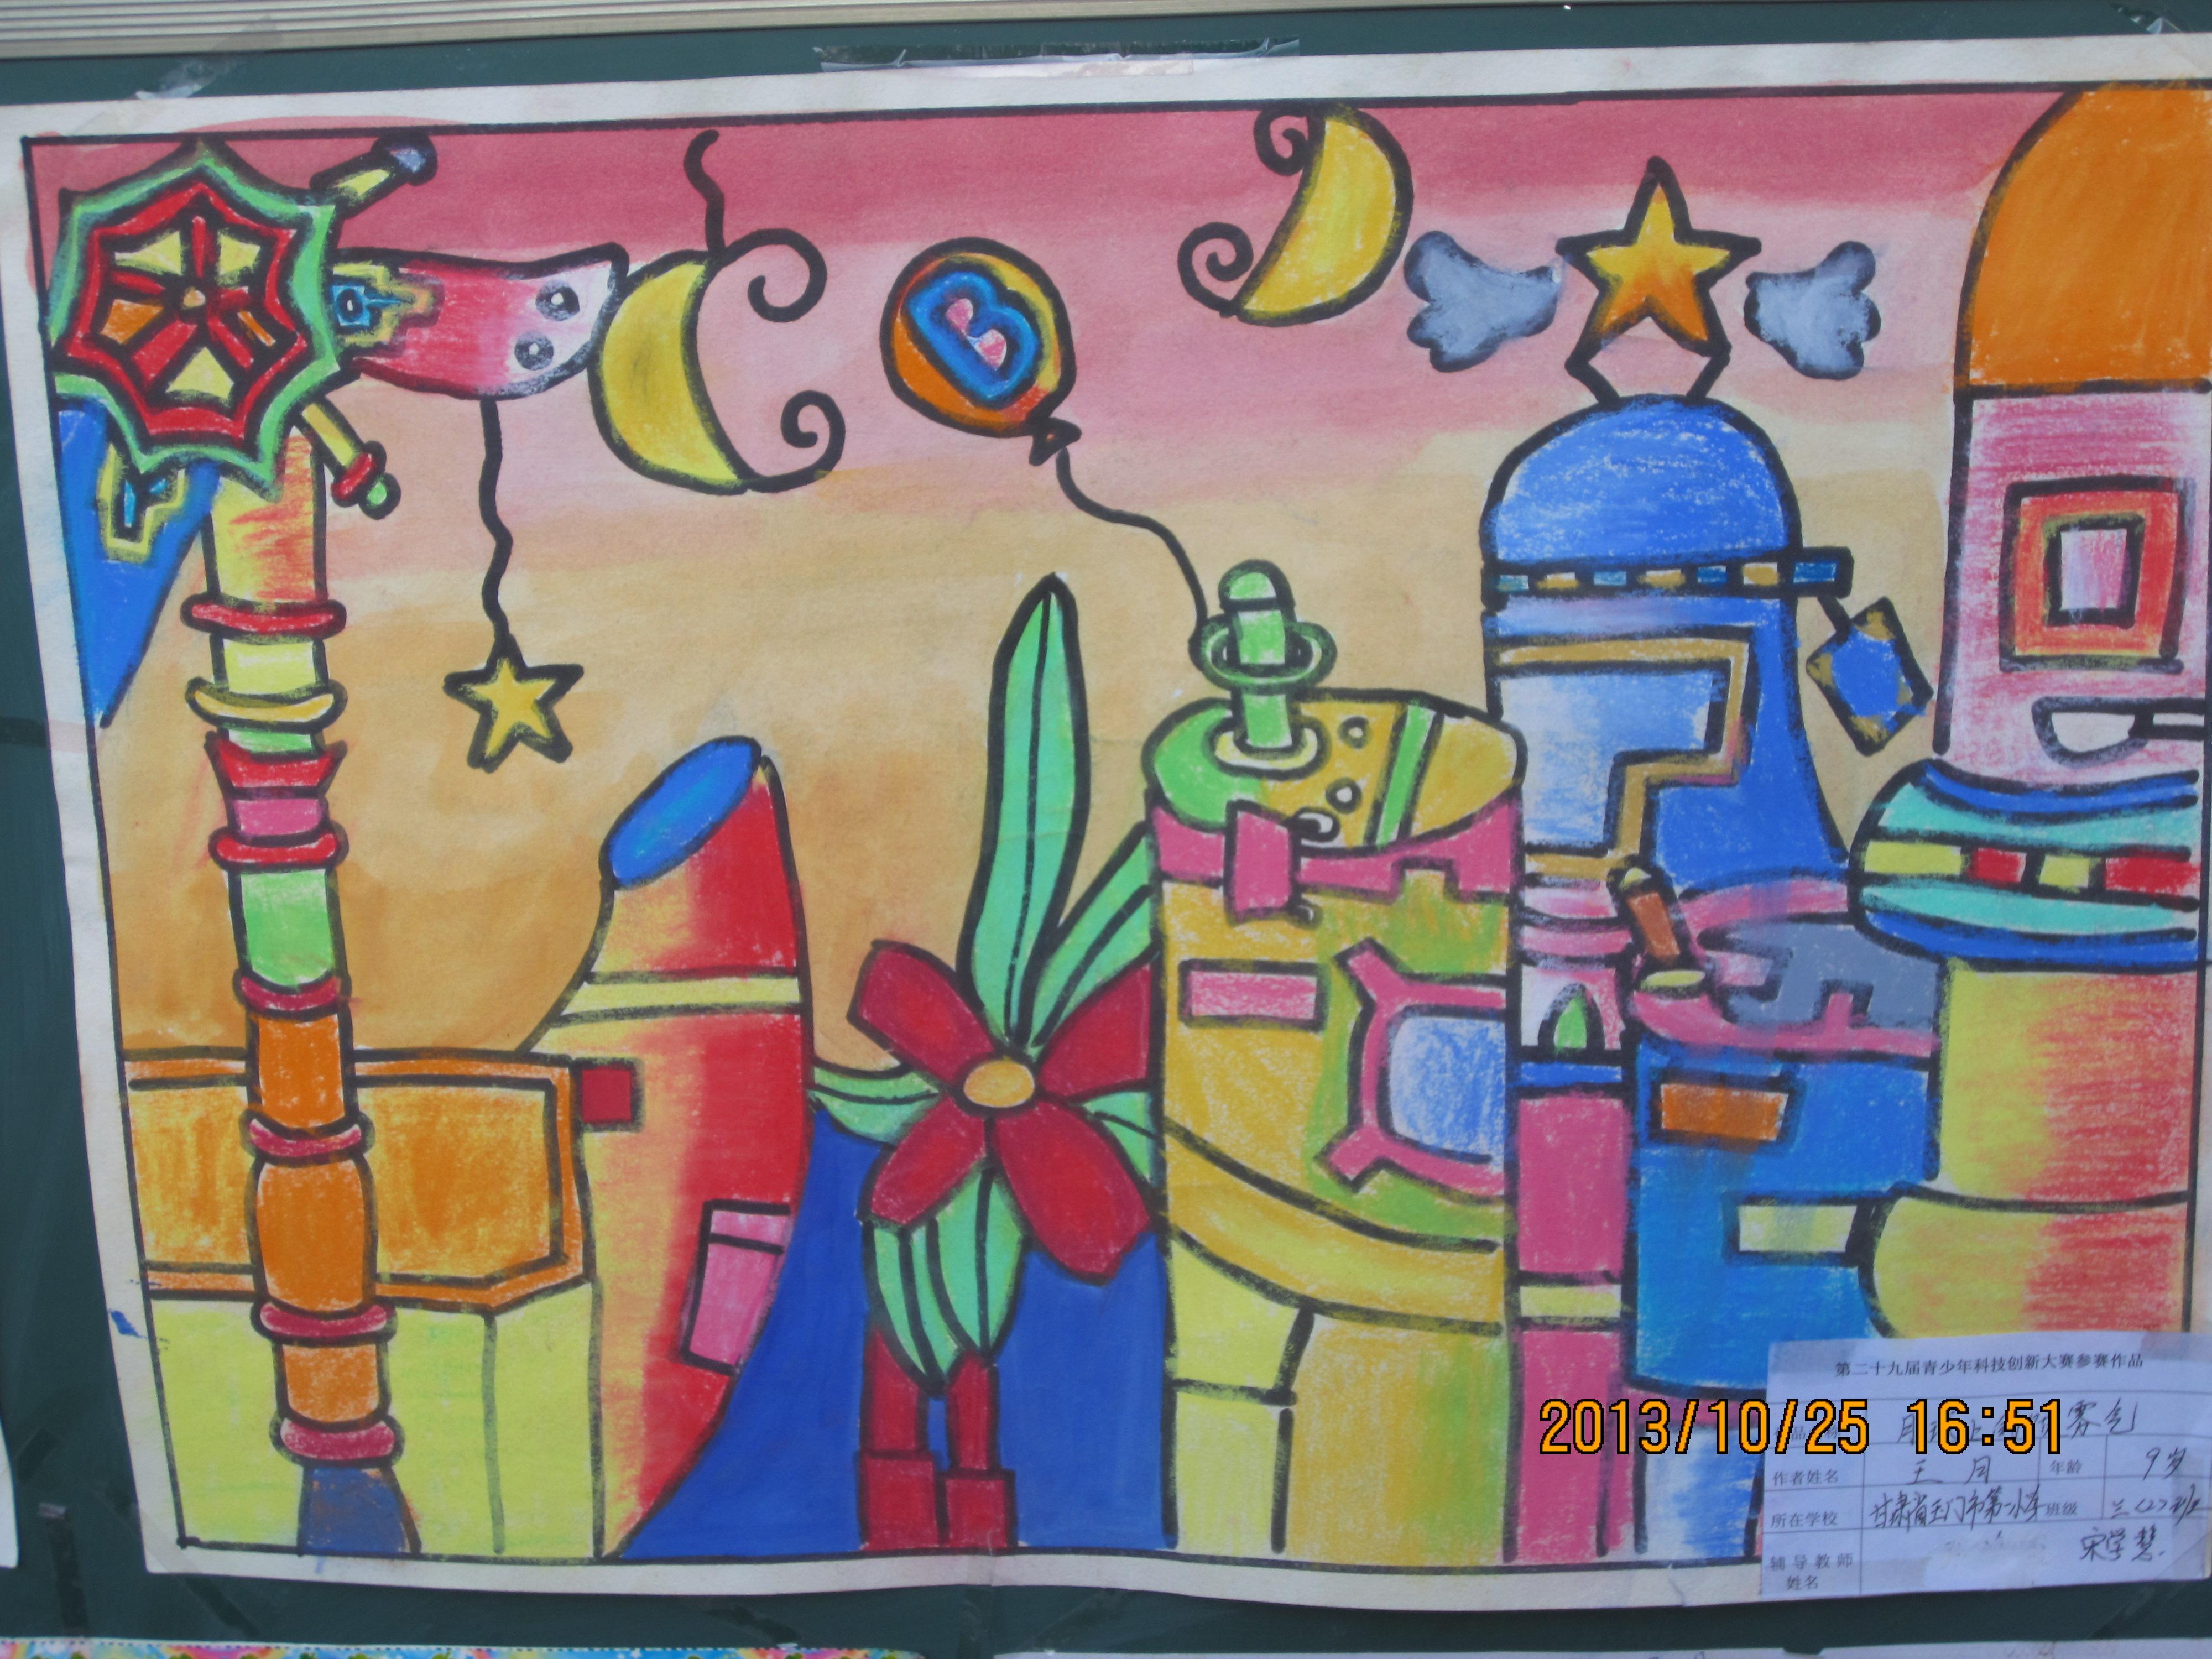 玉门市第一小学 我的中国梦 绘画 手抄报比赛